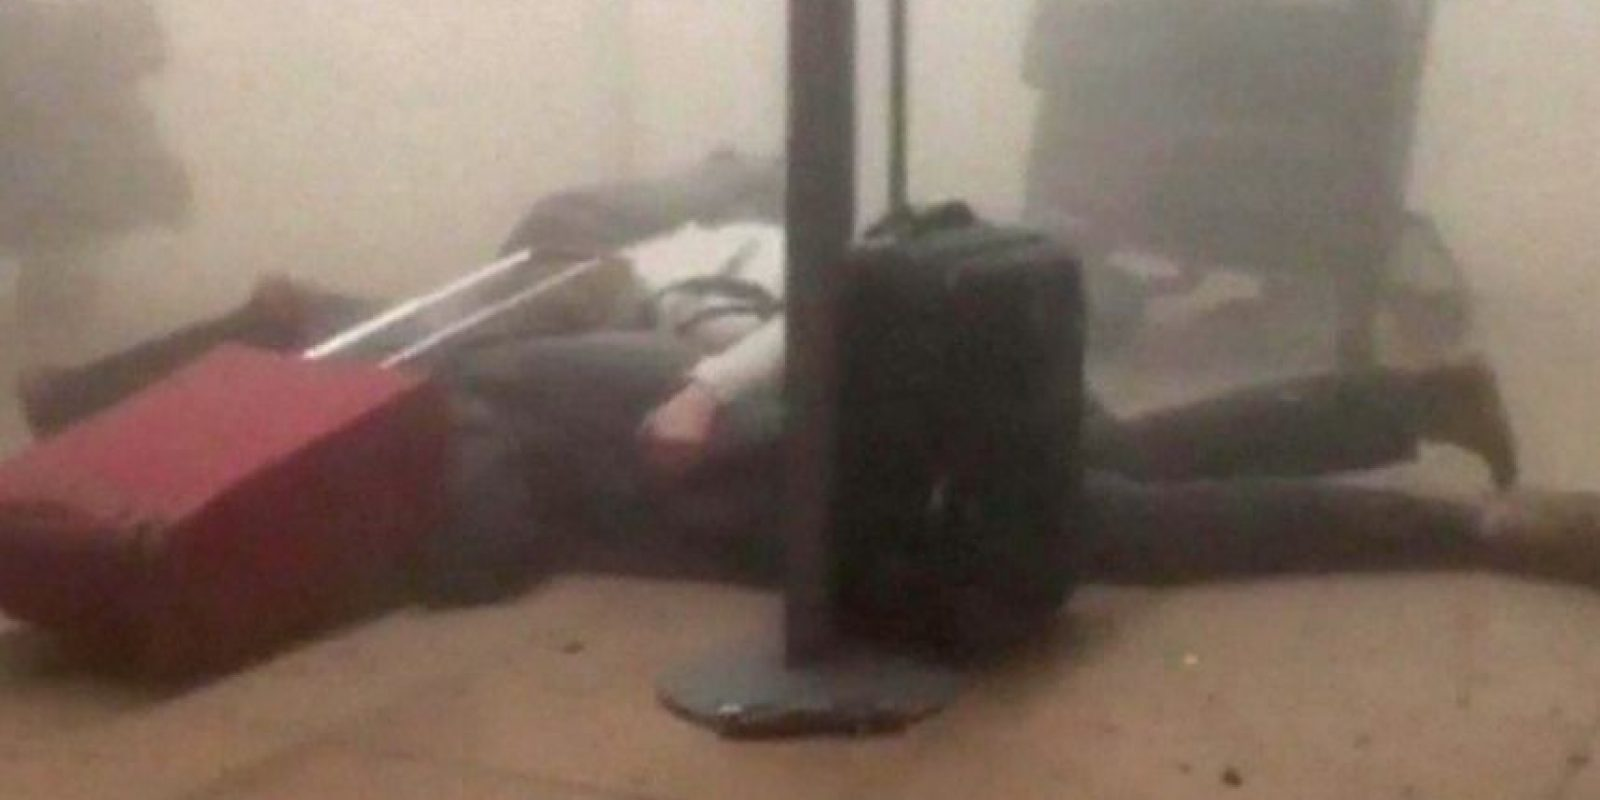 Bruselas, en Bélgica, vivió el peor atentado terrorista de su historia reciente Foto:AFP